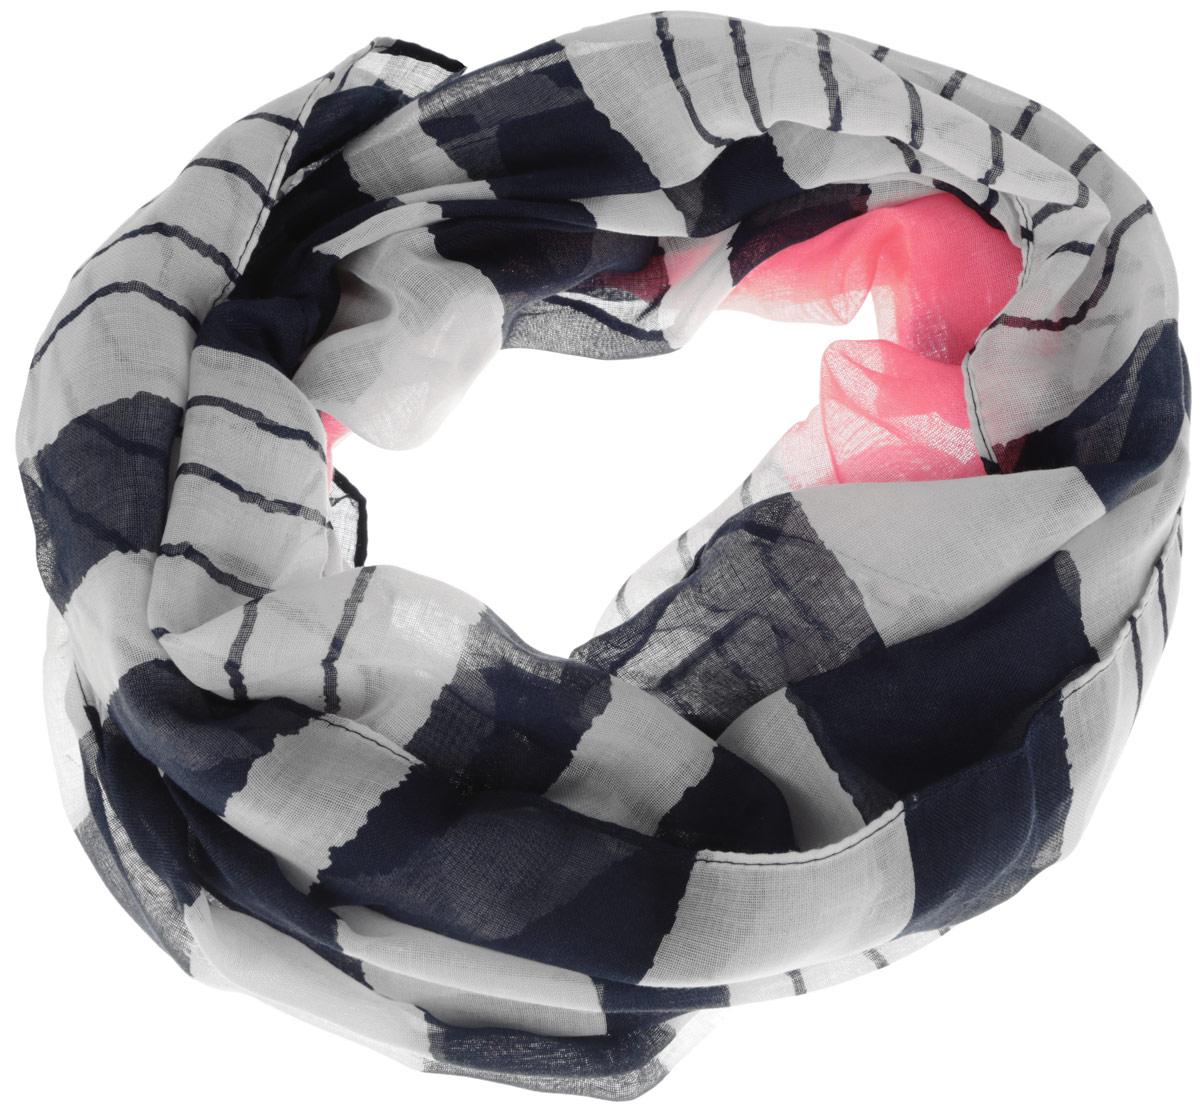 Палантин3402071Элегантный палантин Codello станет достойным завершением вашего образа. Палантин изготовлен из 100% полиэстера. Модель оформлена принтом в полоску и оригинальным смайлом. Палантин красиво драпируется, он превосходно дополнит любой наряд и подчеркнет ваш изысканный вкус. Легкий и изящный палантин привнесет в ваш образ утонченность и шарм.